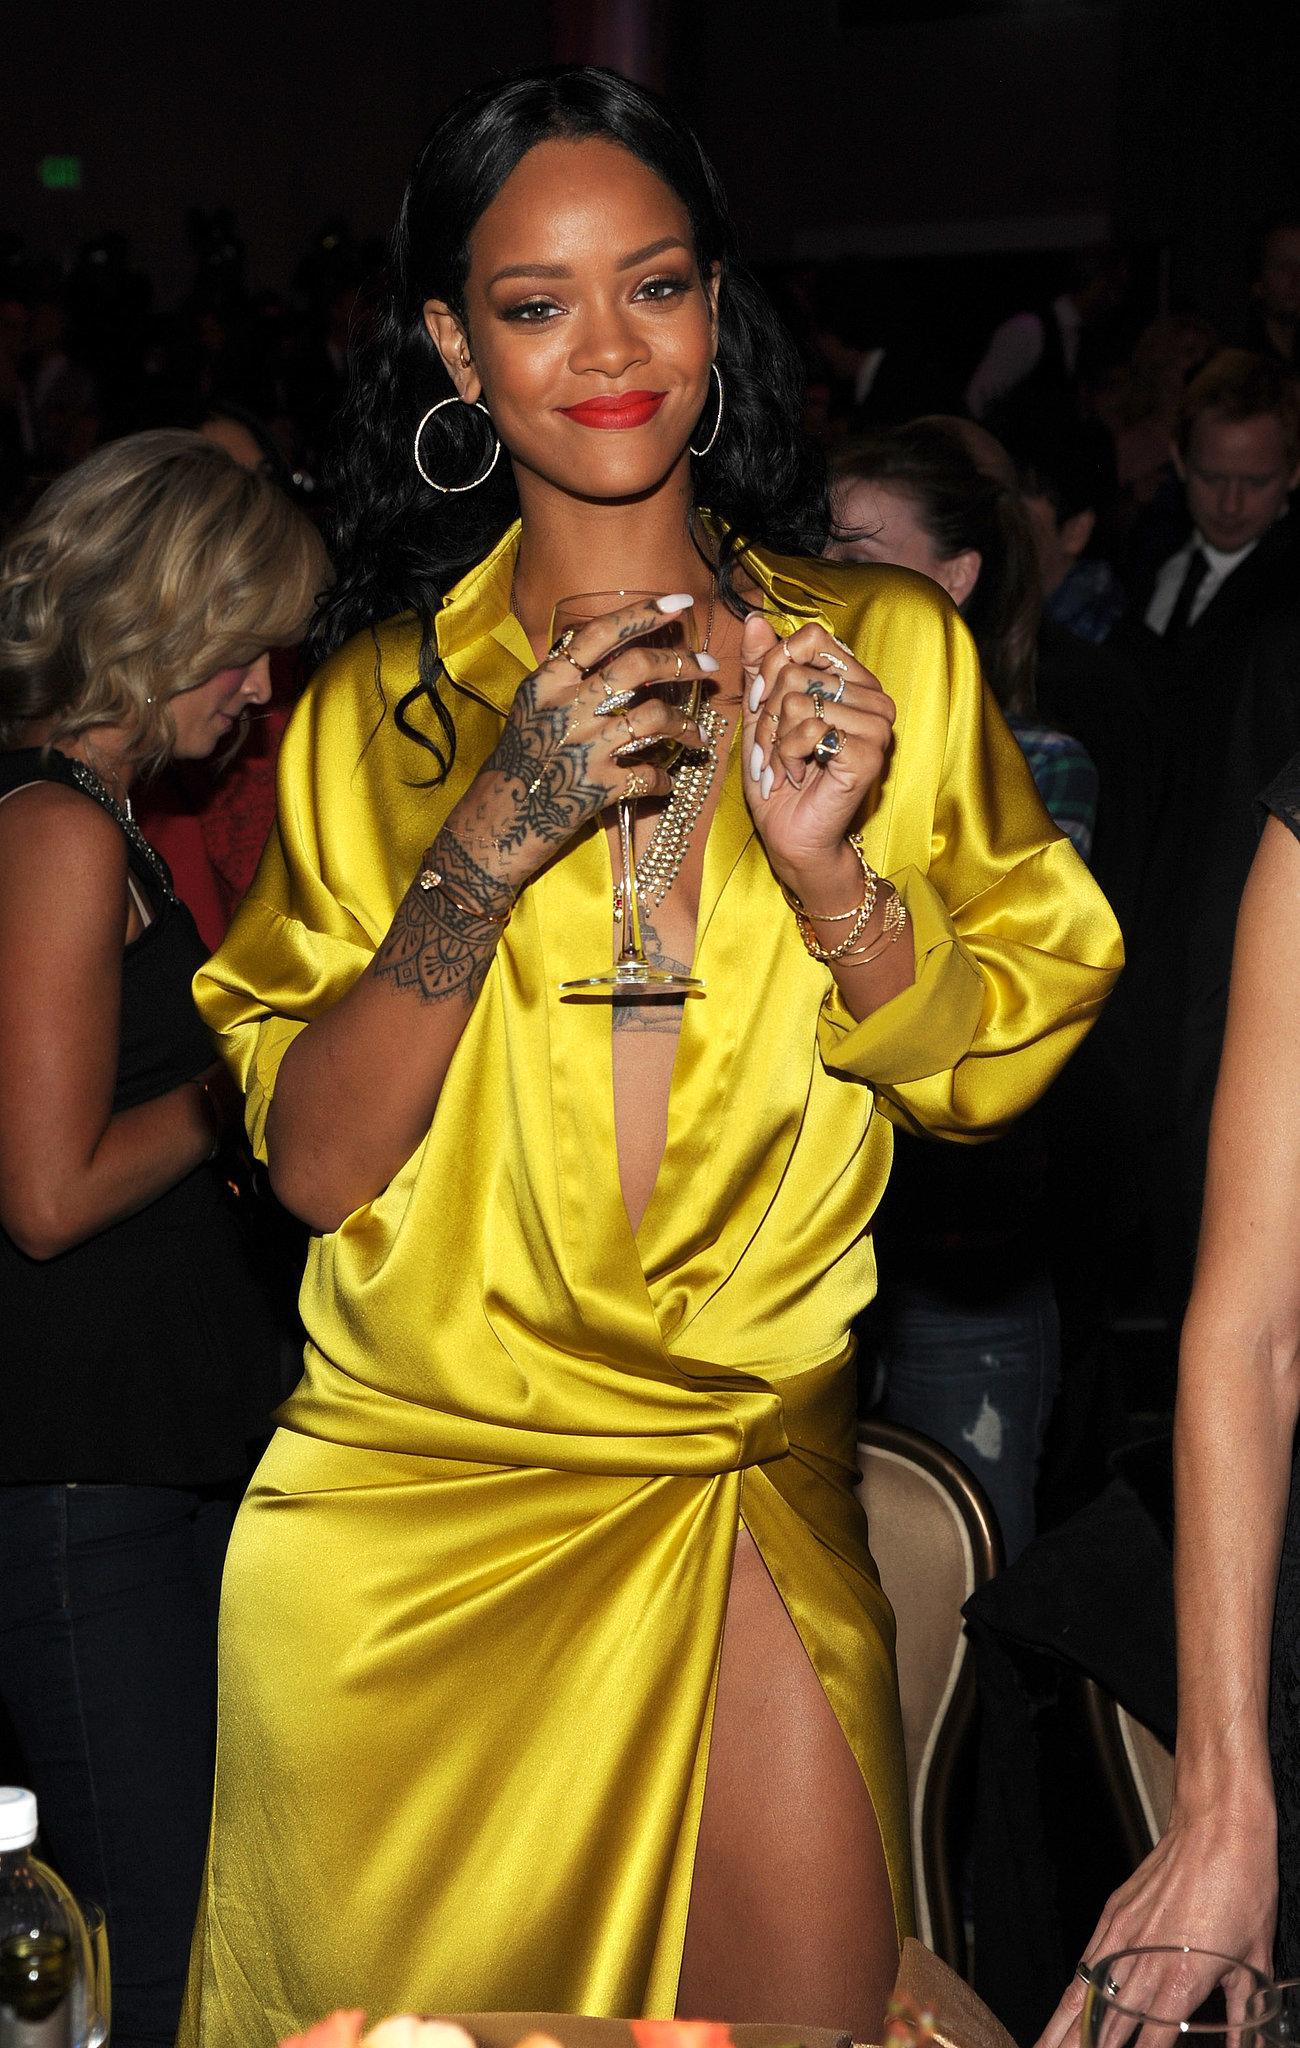 Rihanna had a big grin at the party.